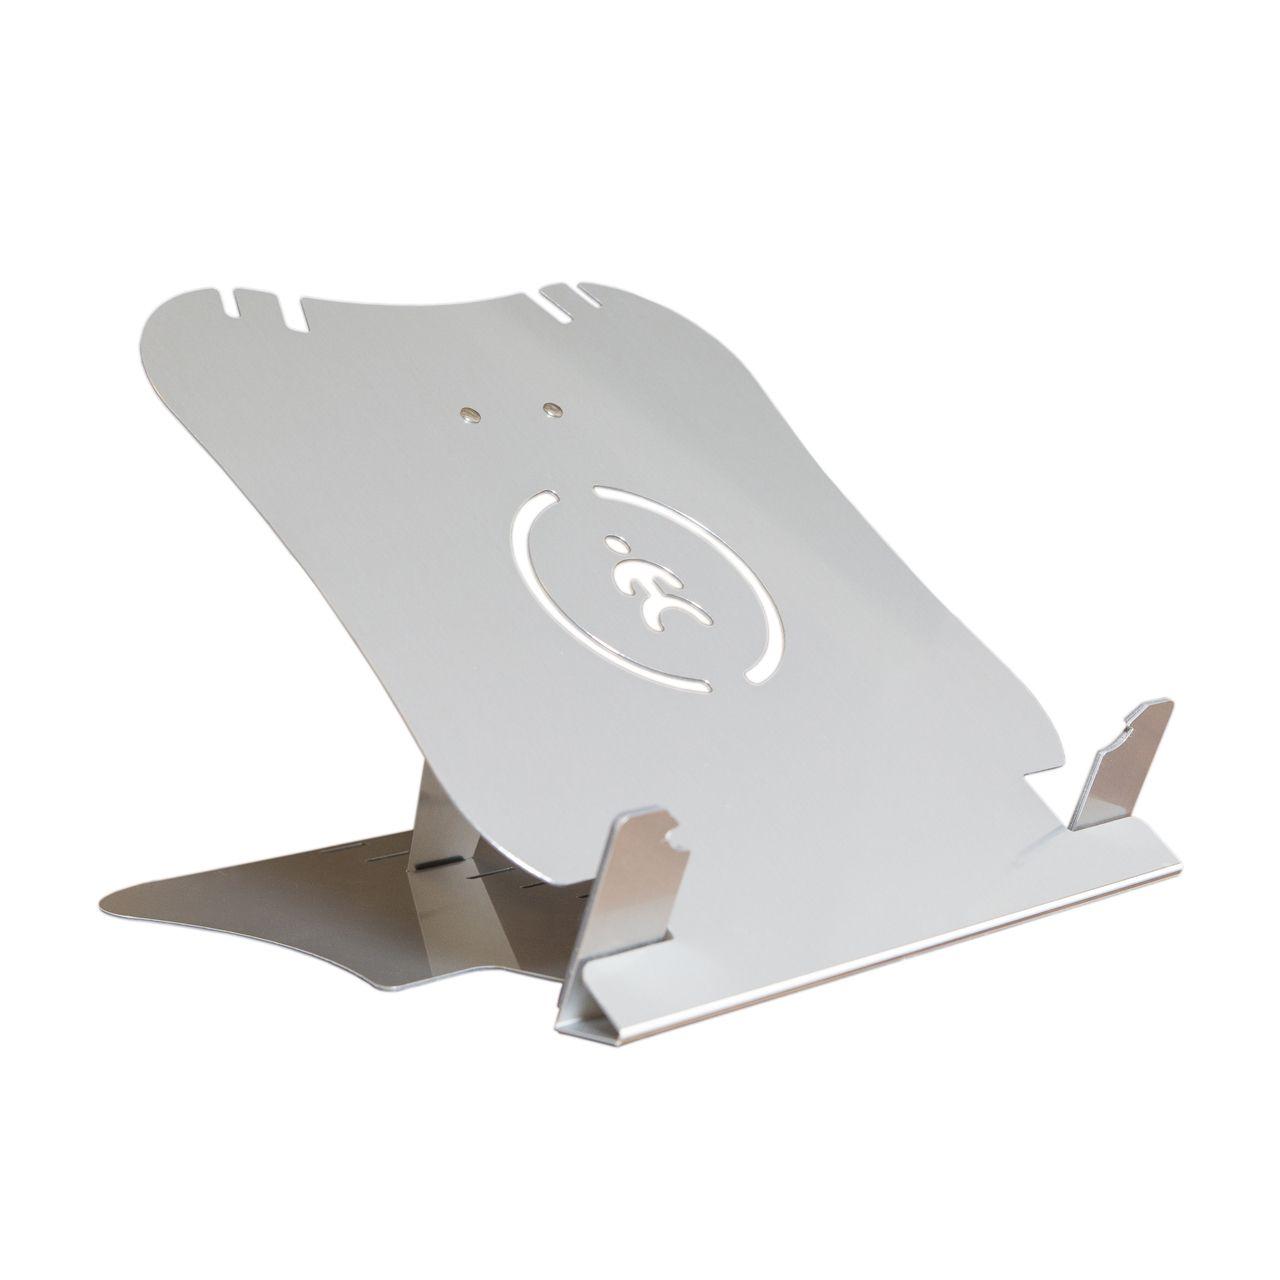 Topmate II laptopstandaard Detail zijkant